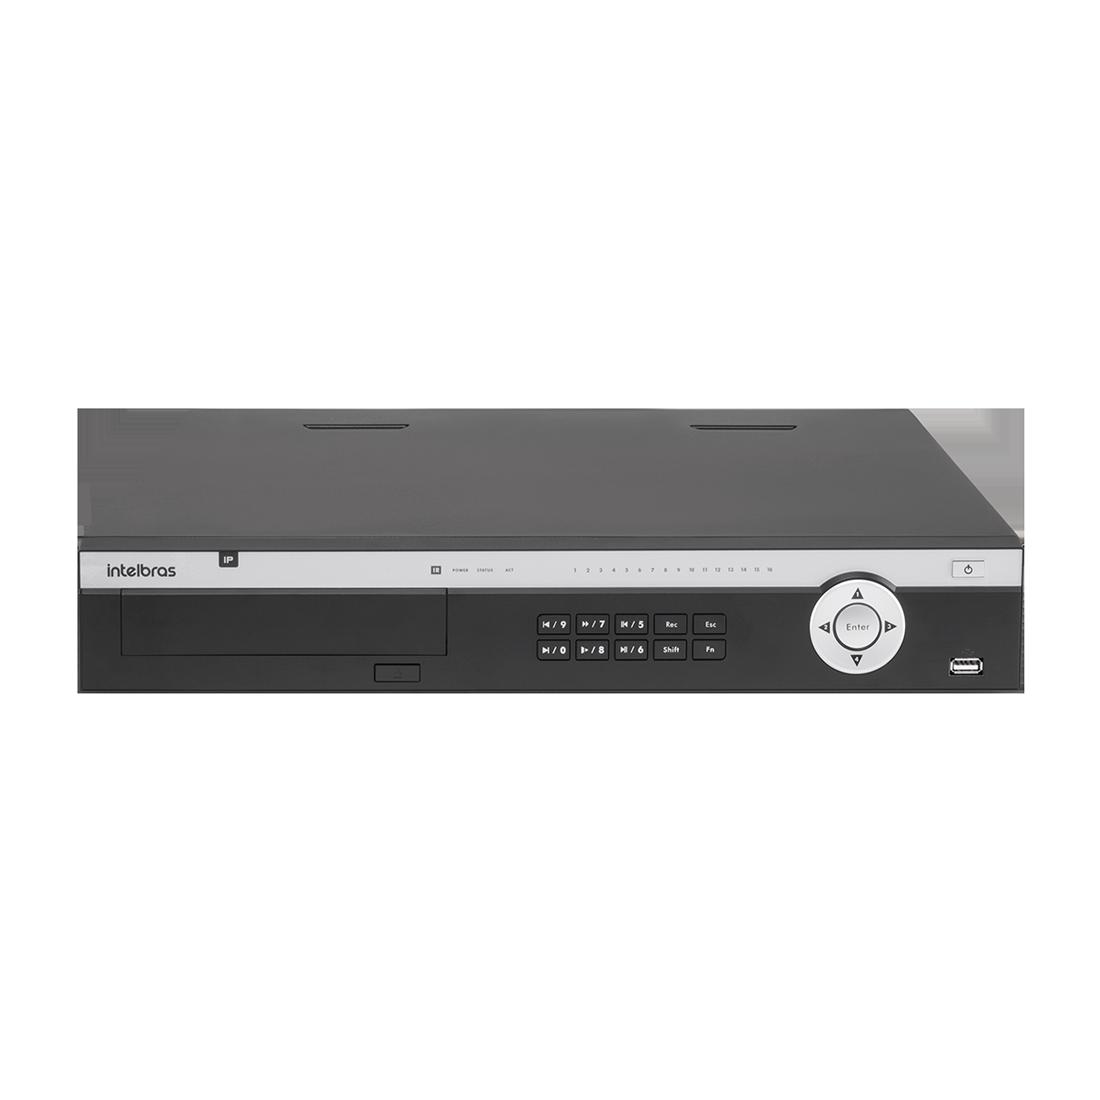 NVD 5124 C/ HD 12TB - GRAV. DIG. DE VÍDEO EM REDE PARA ATÉ 24 CANAIS IP EM FULL HD @ 30 FPS, SUPORTA CÂMERA FISHEYE, INTELIGÊNCIA DE VÍDEO EM TODOS OS CANAIS, H.265, SUPORTE PARA 4HDS E SUPORTA CÂMERA  - Sandercomp Virtual